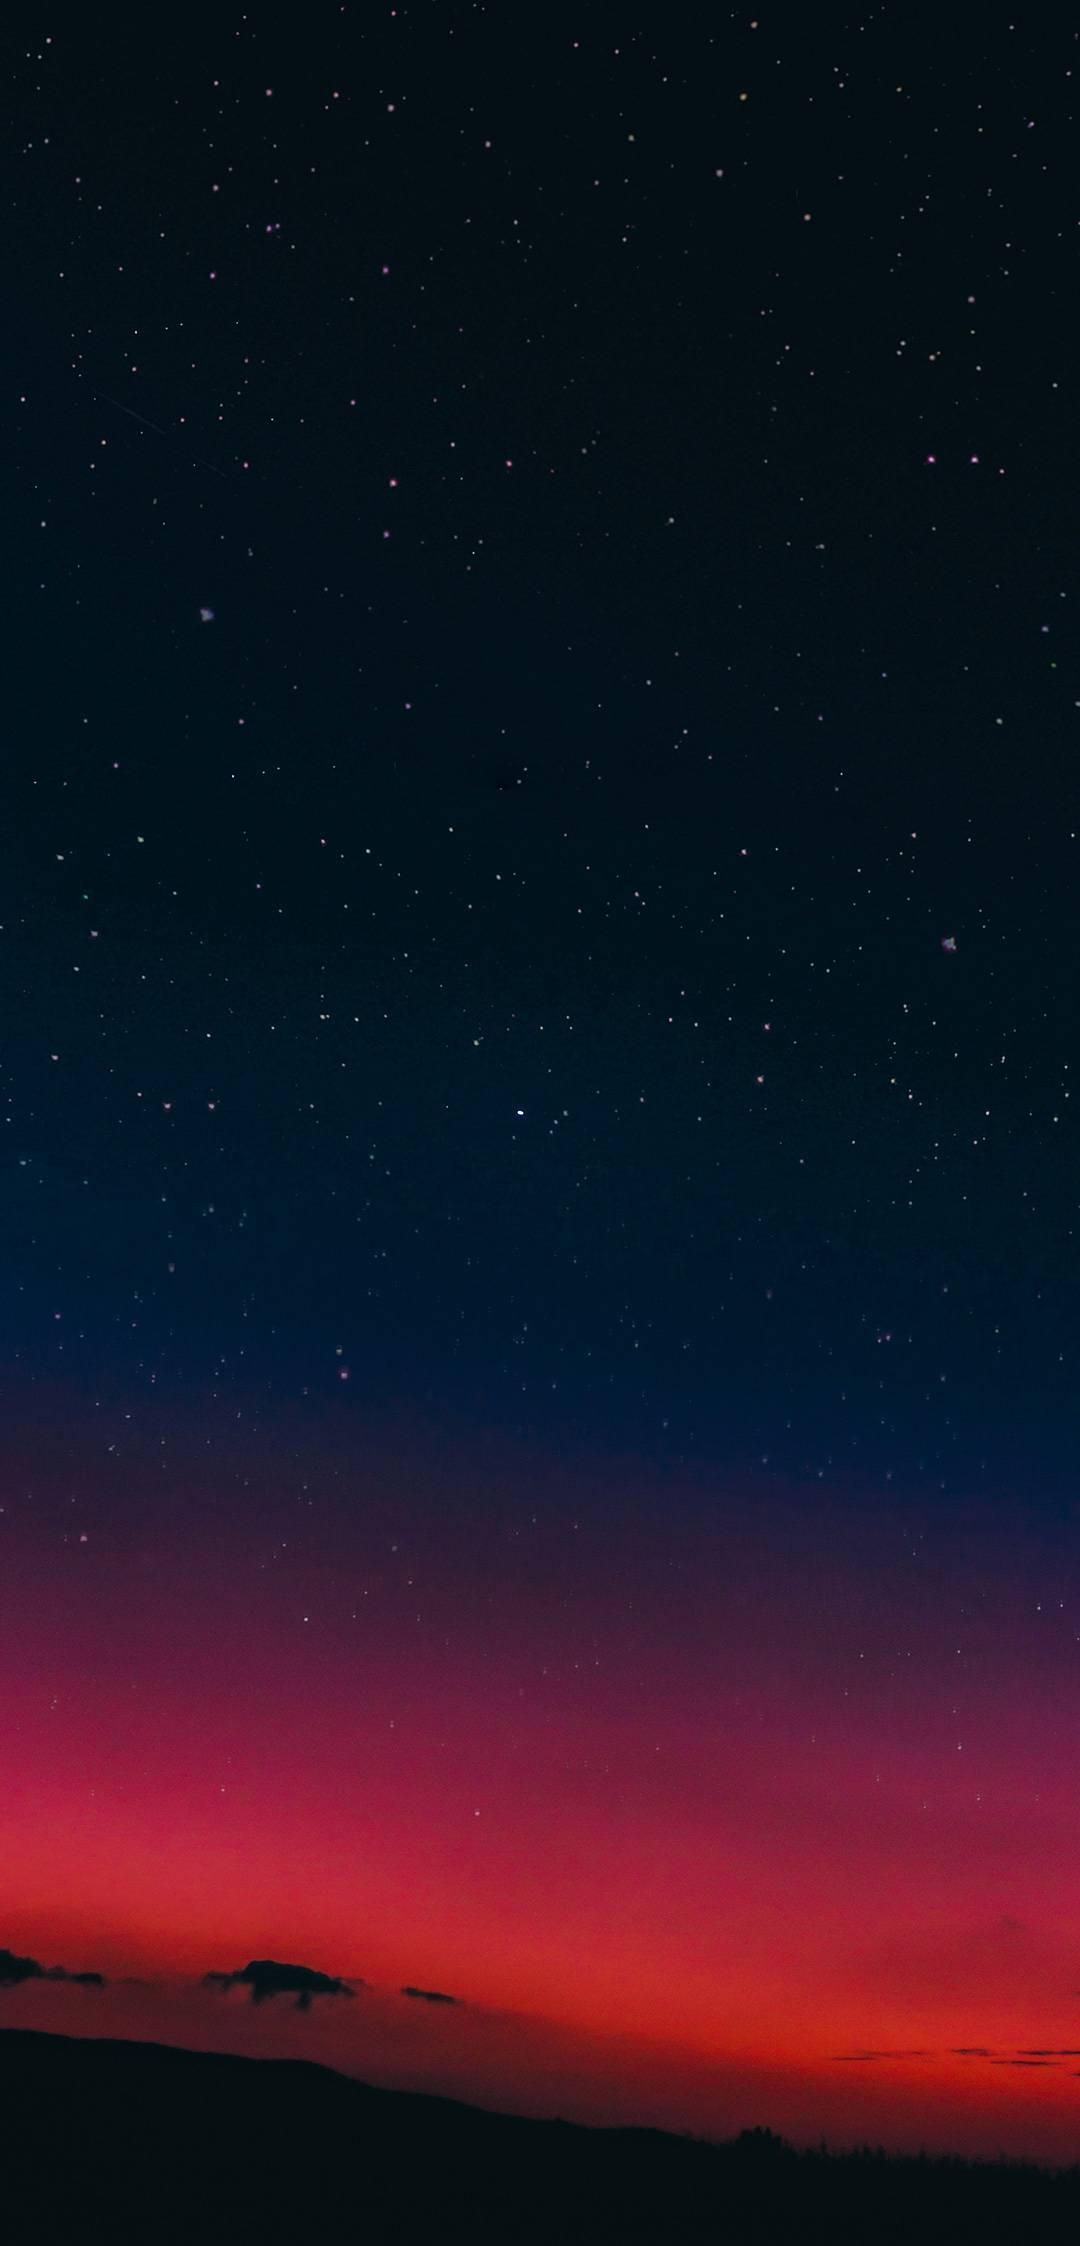 Xiaomi poco f1 stock wallpaper 07 1080x2246 - 1080 x 1080 background ...